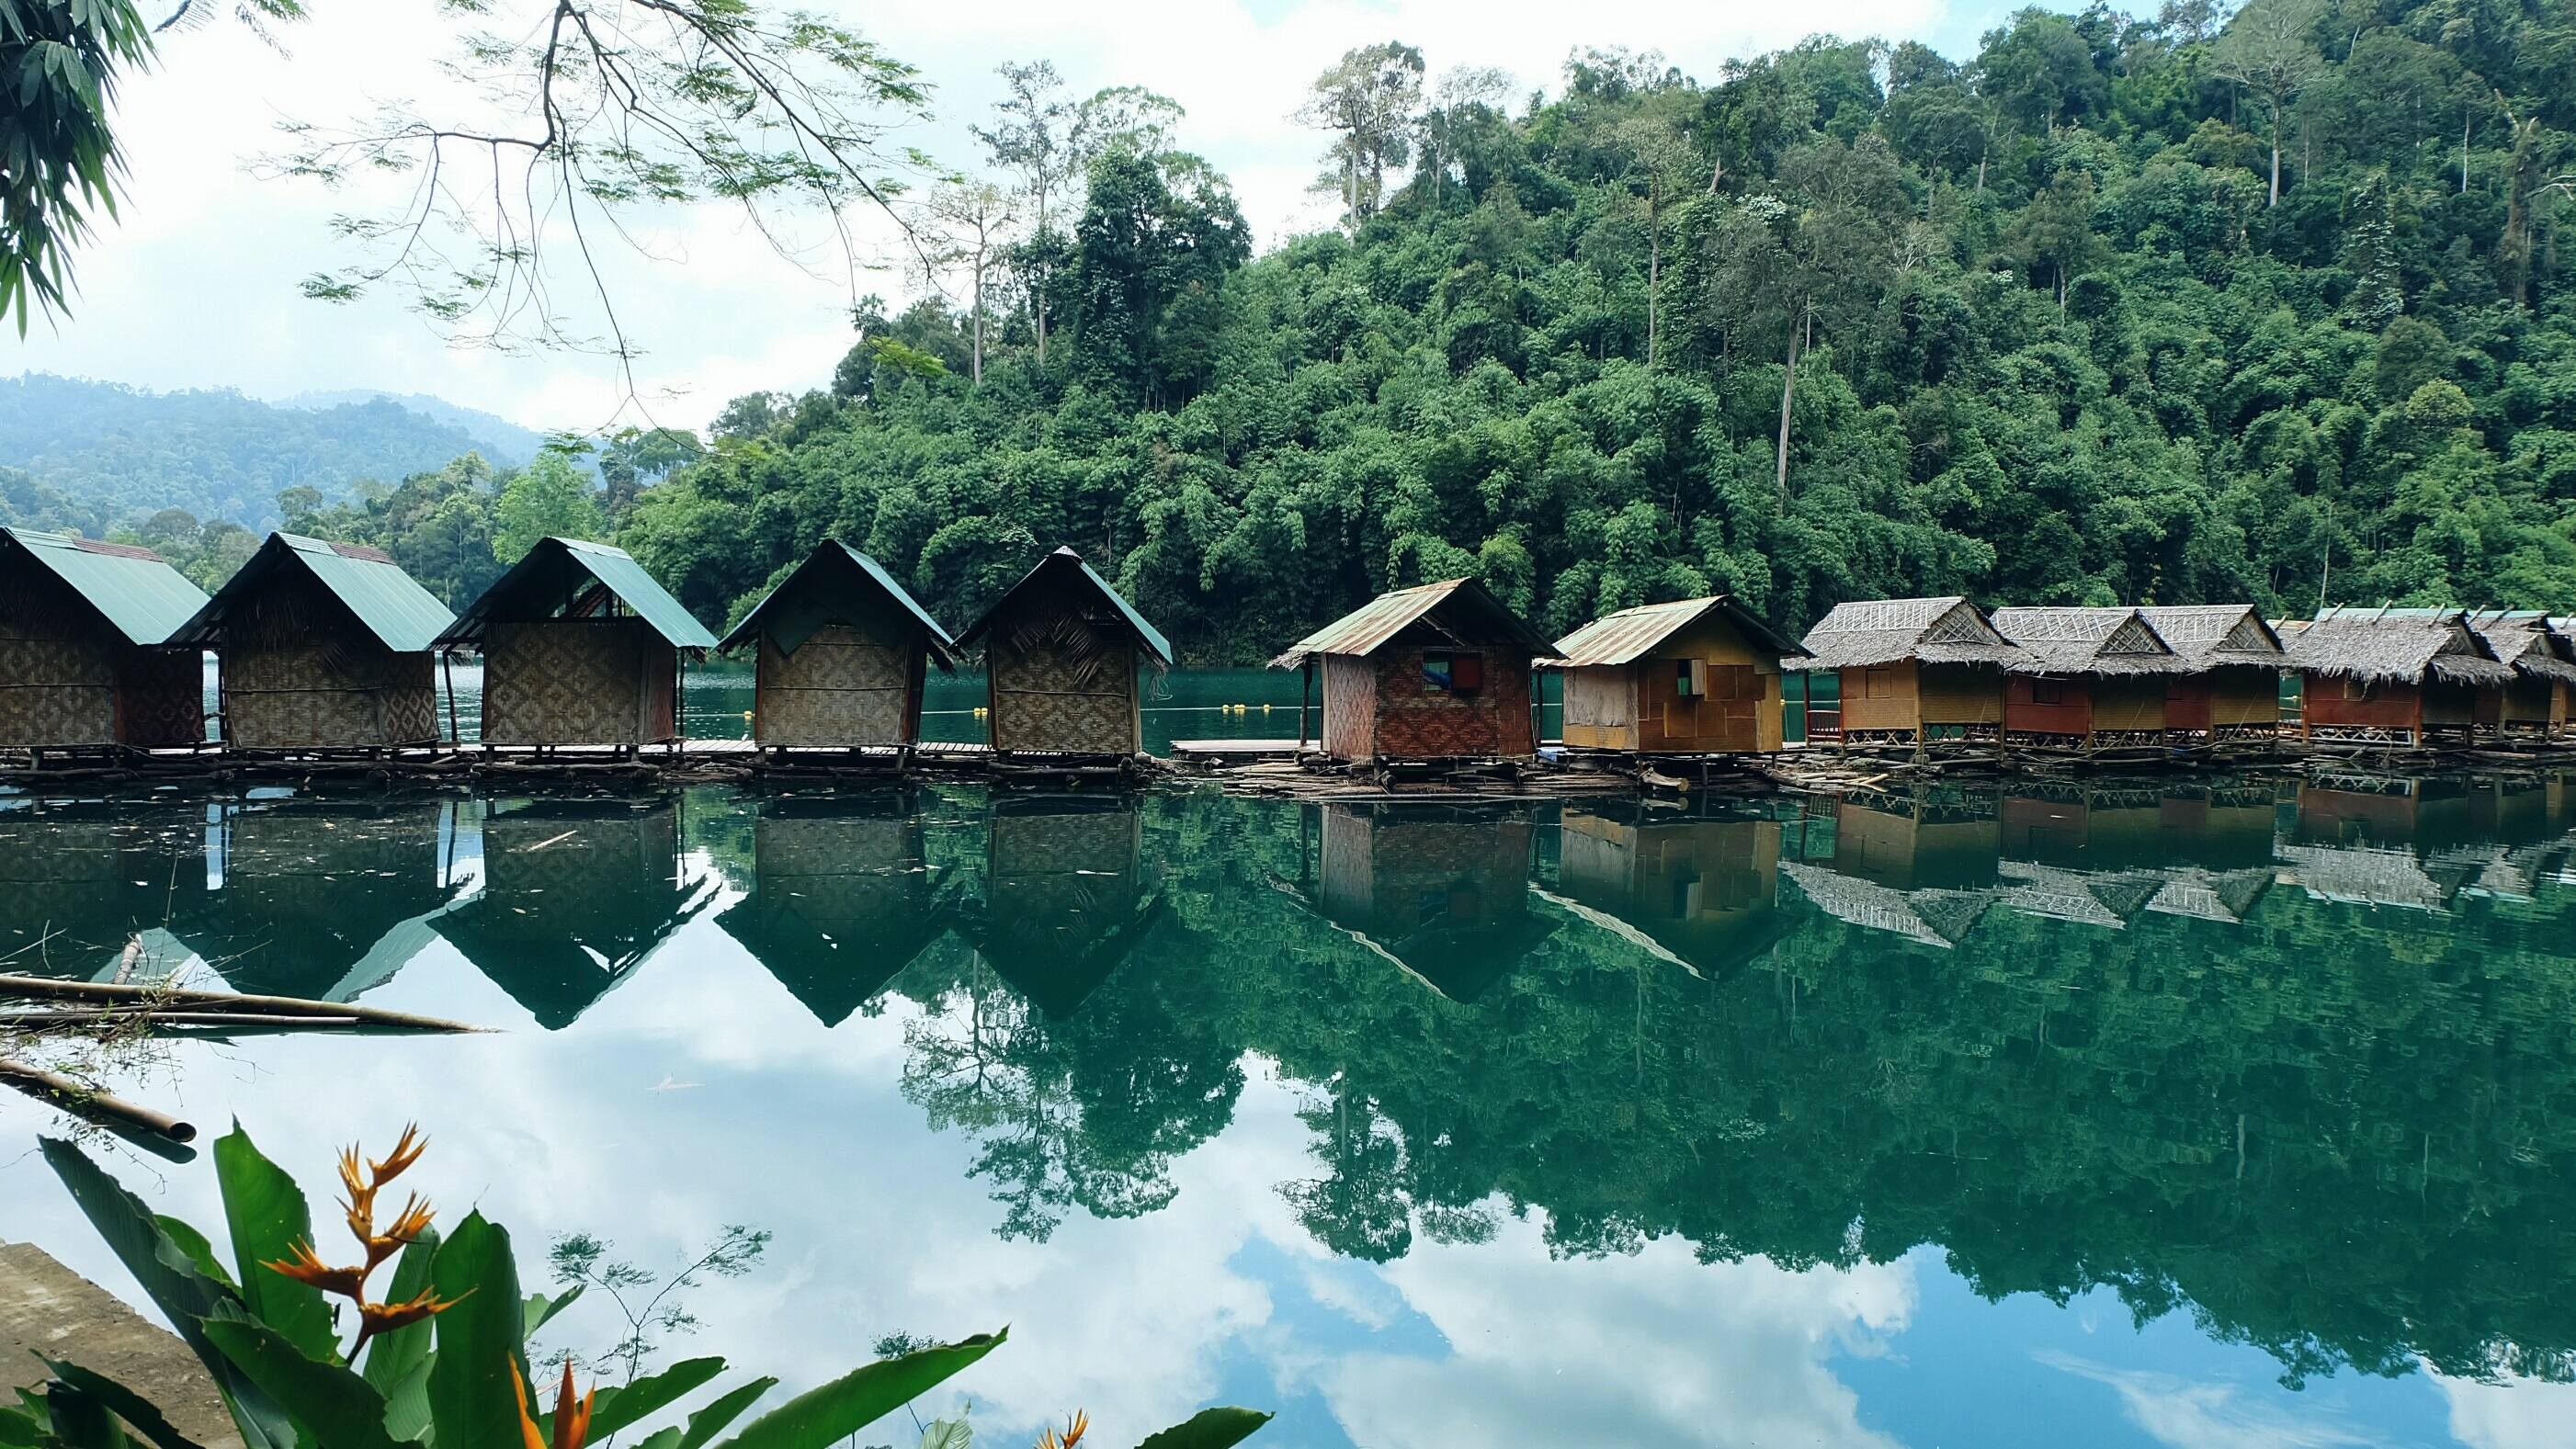 Khao Sok floating lake houses